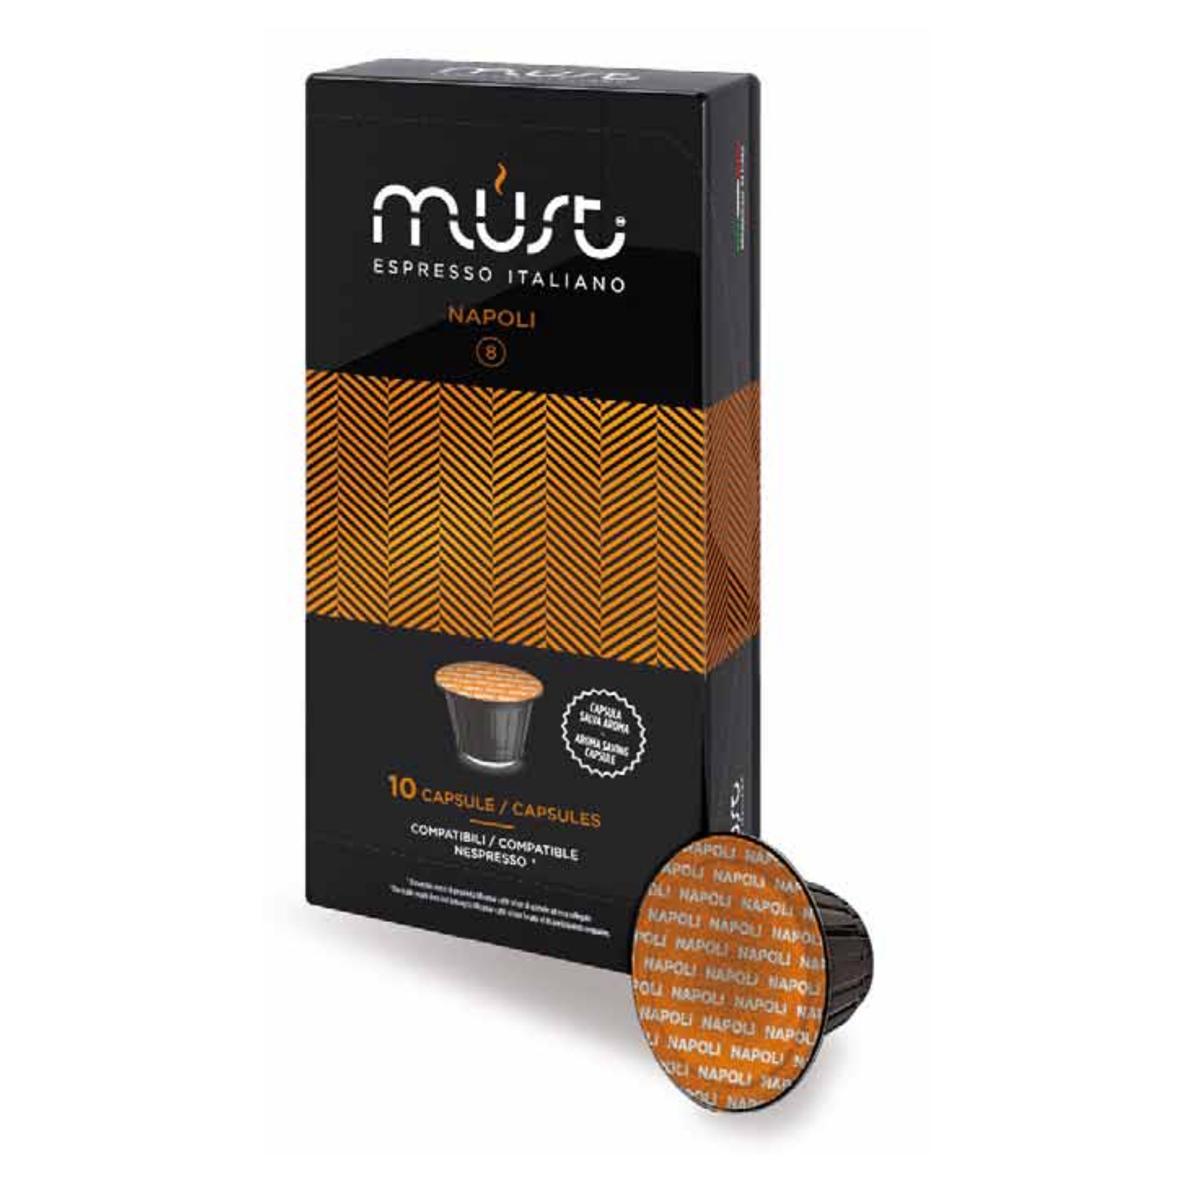 Кофе в капсулах MUST Napoli 10шт NespressoКофе, какао<br><br><br>Тип: кофе в капсулах<br>Дополнительно: Крепкий, ни с чем не сравнимый сливочный вкус истинного эспрессо наполетано. Неповторимое сочетание африканского и бразильского кофе. Этот сорт кофе имеет насыщенный аромат и плотную нежную пенку.